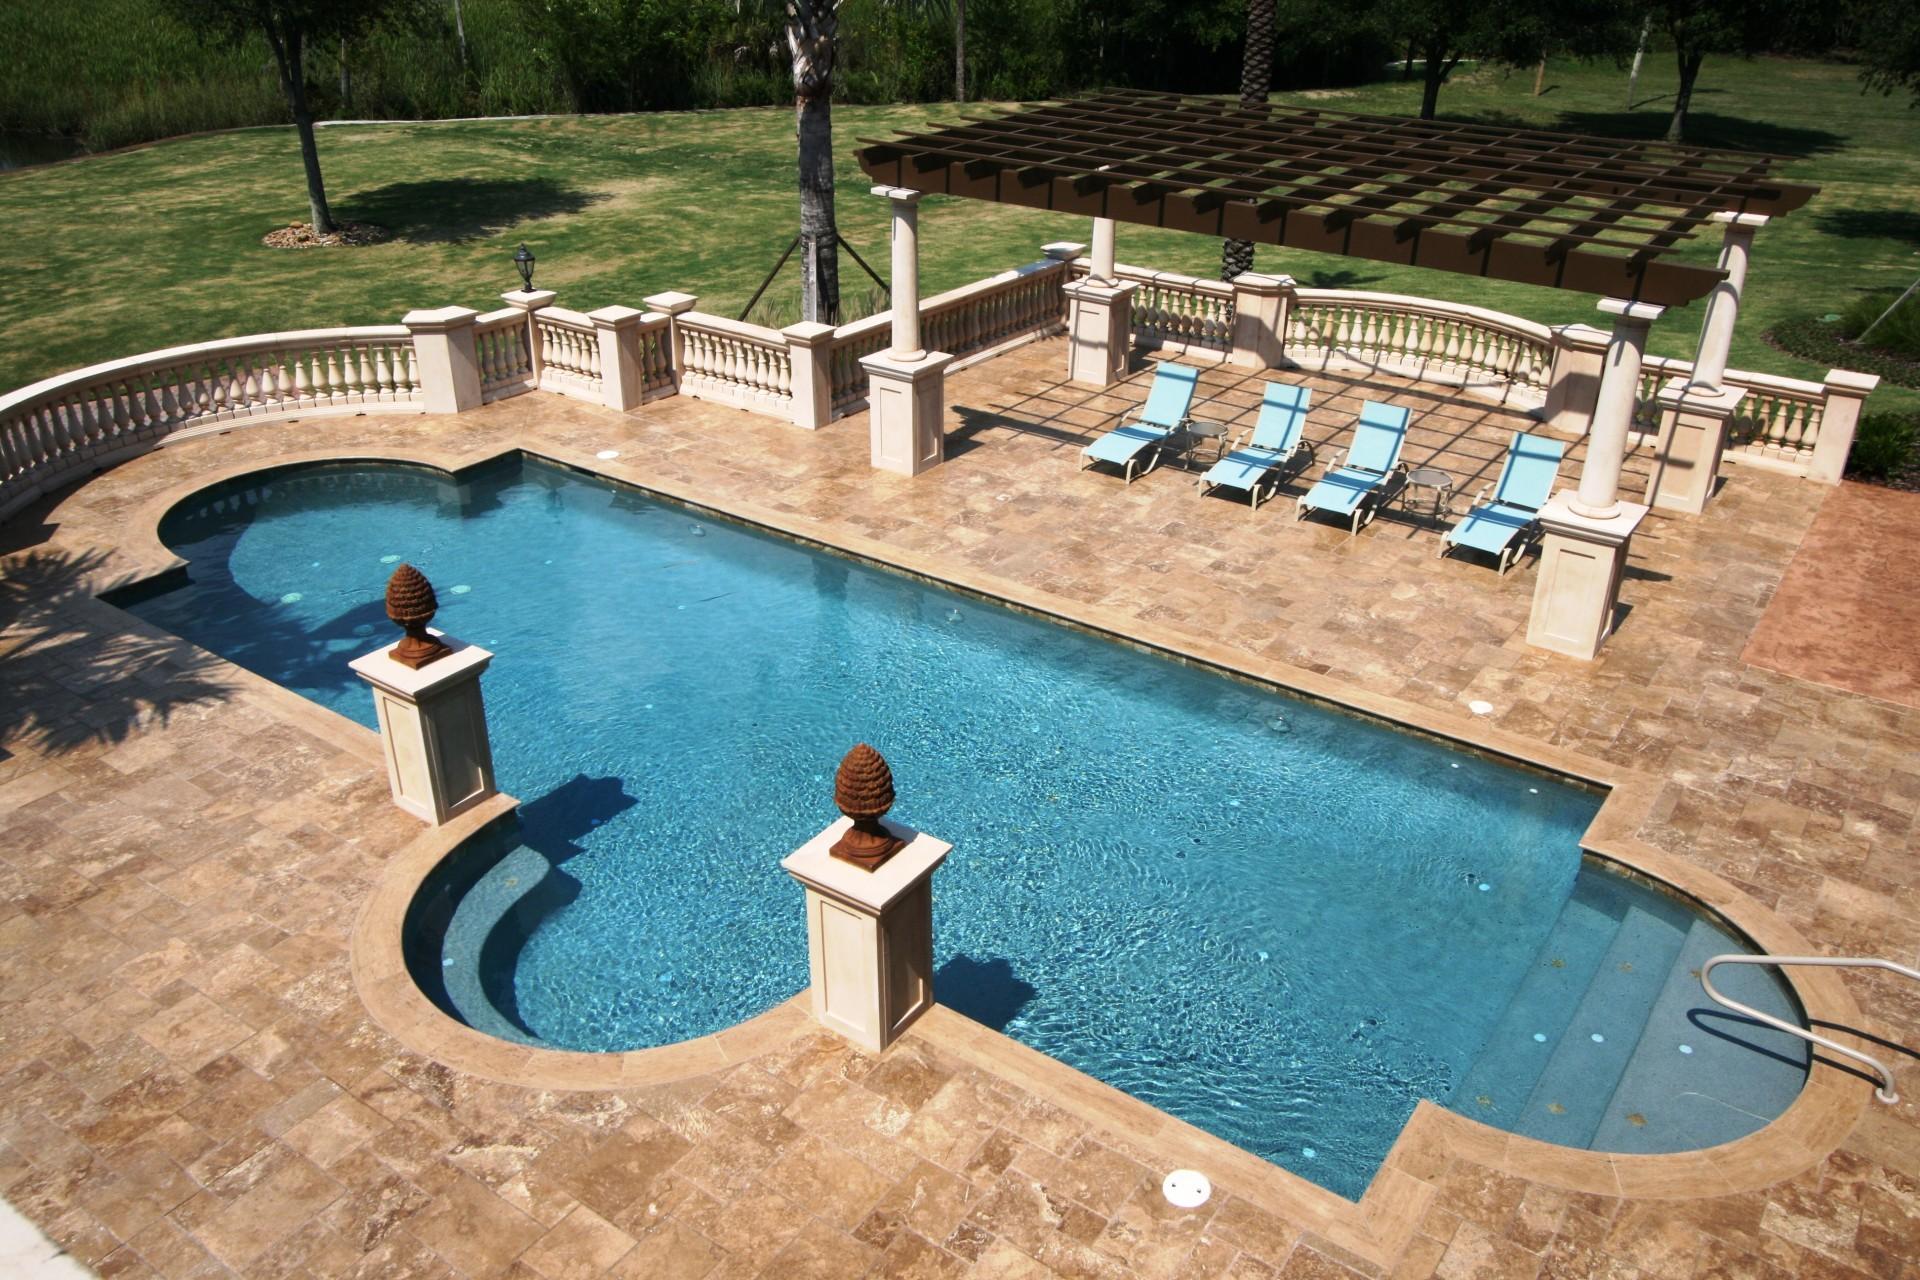 Damron Pool and Trellis